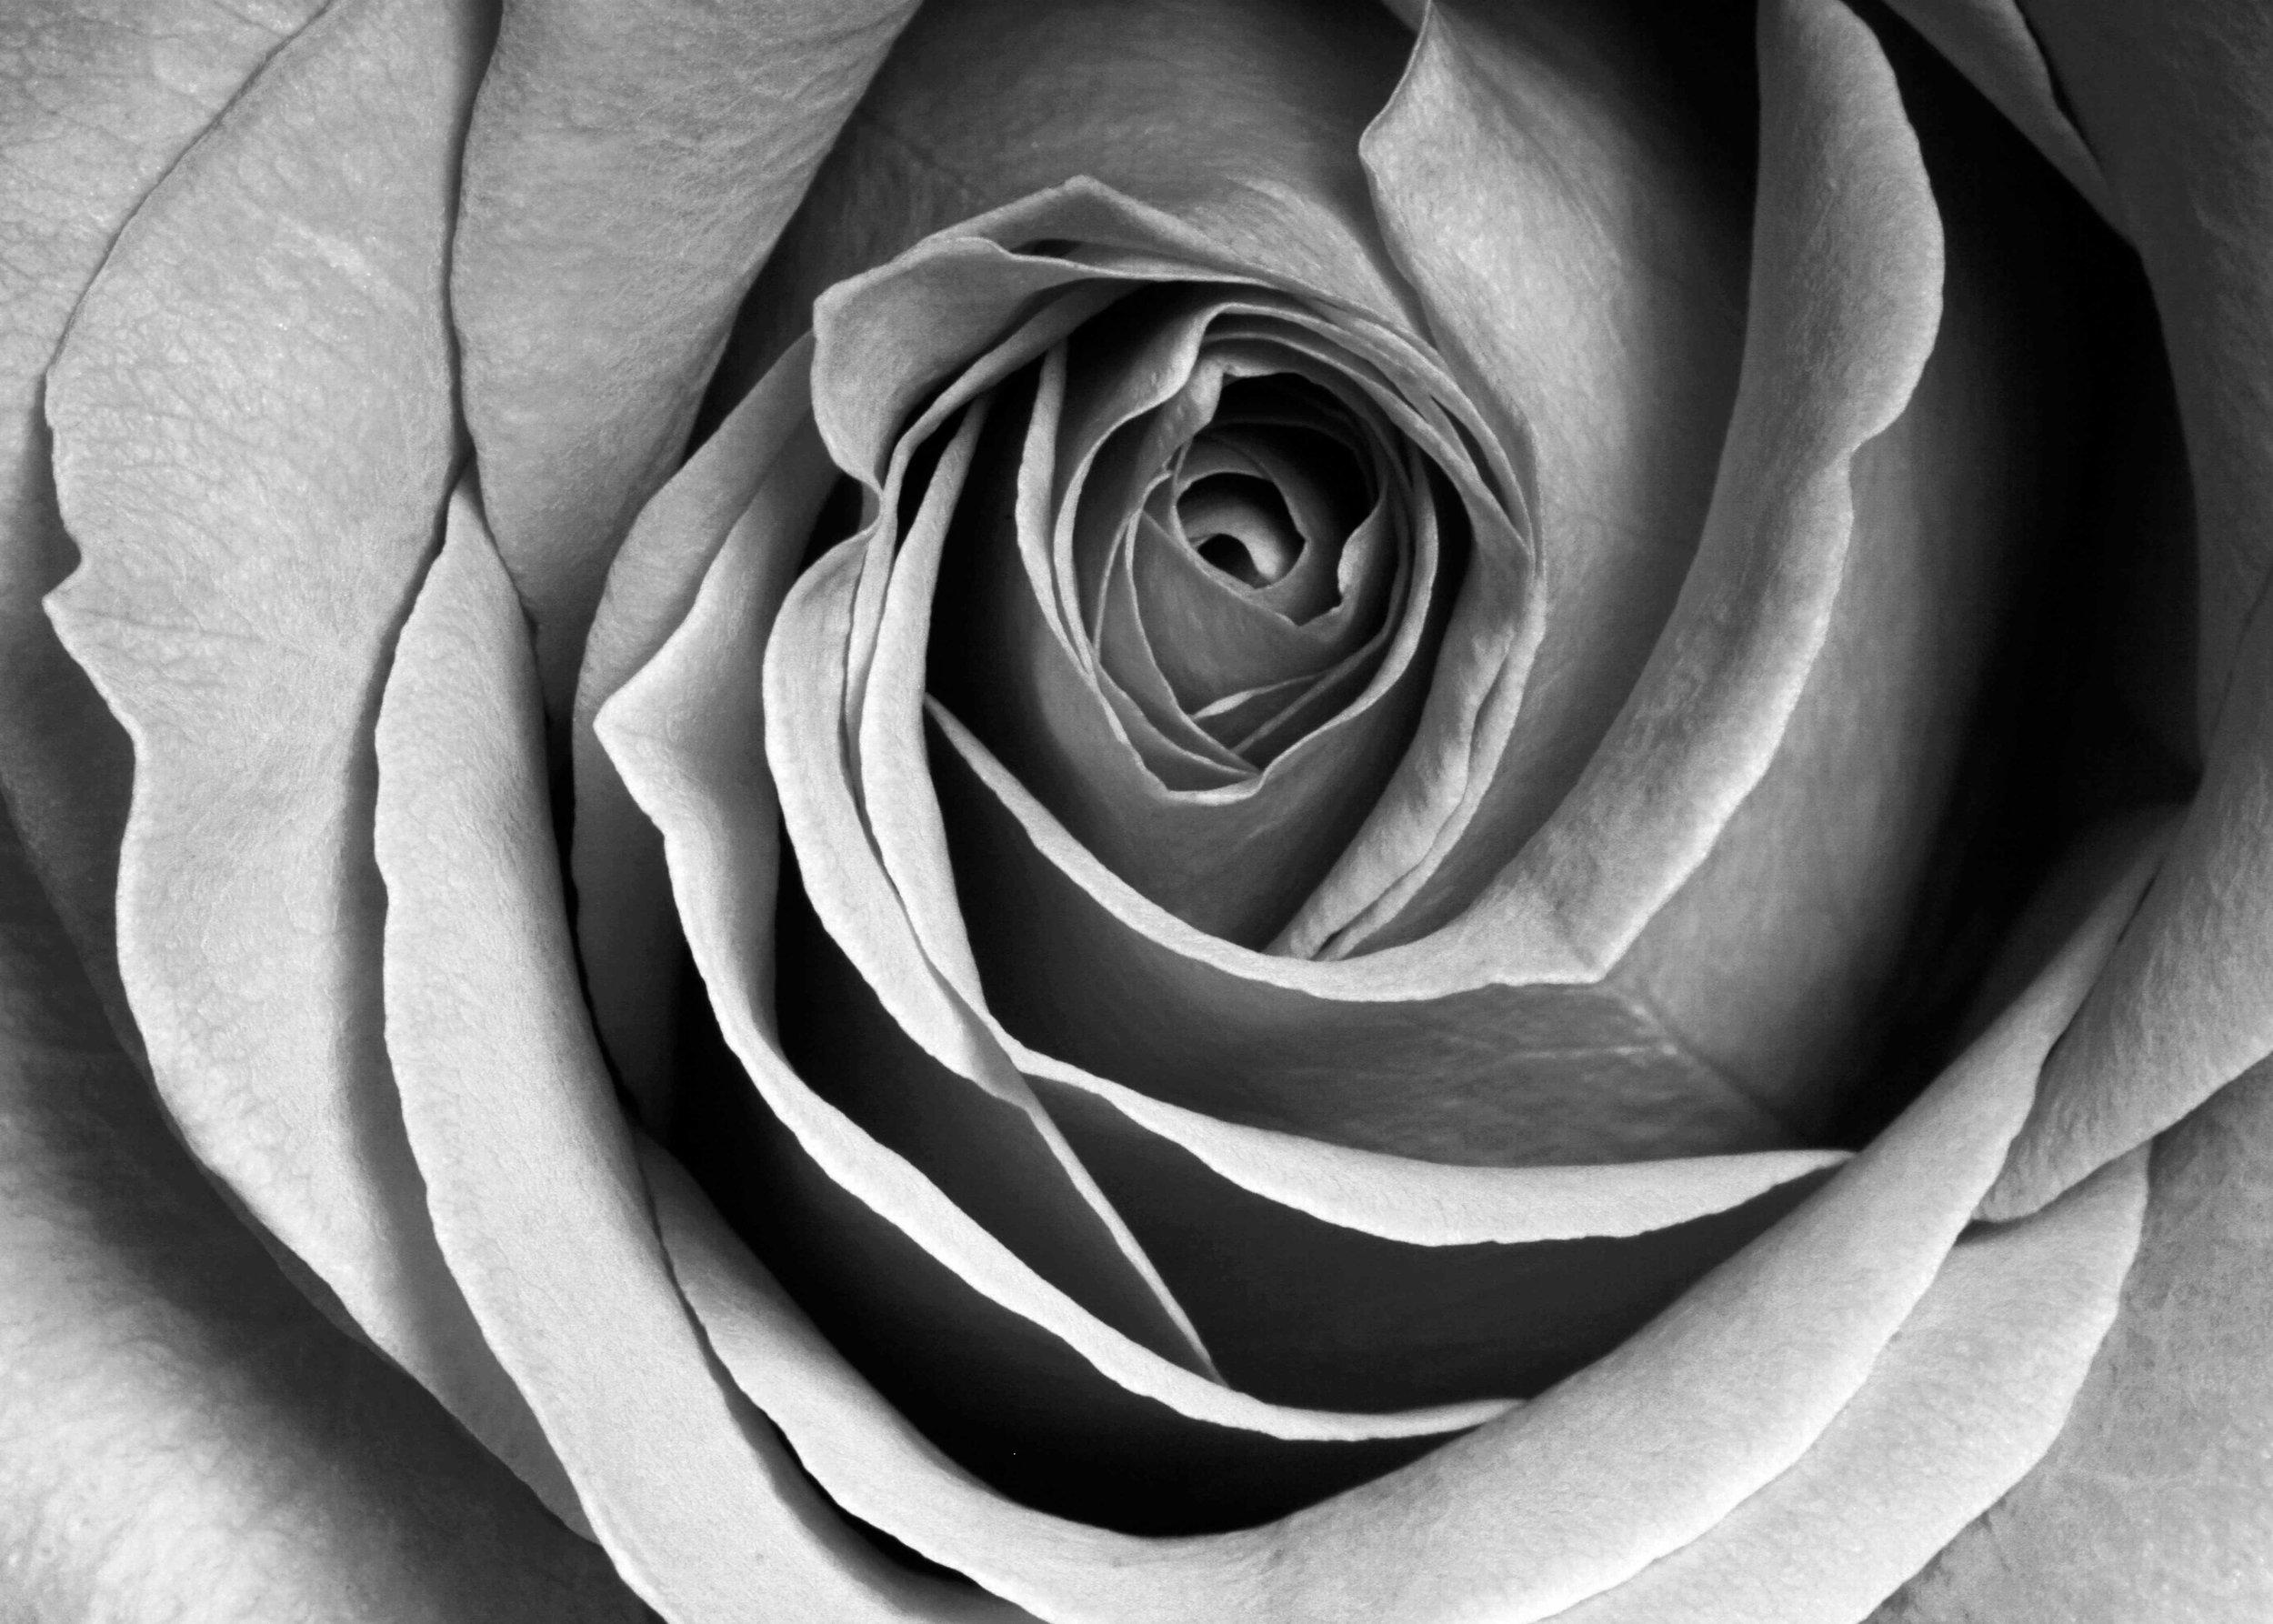 Flowers_0058-Affinity BW 5x7.jpg